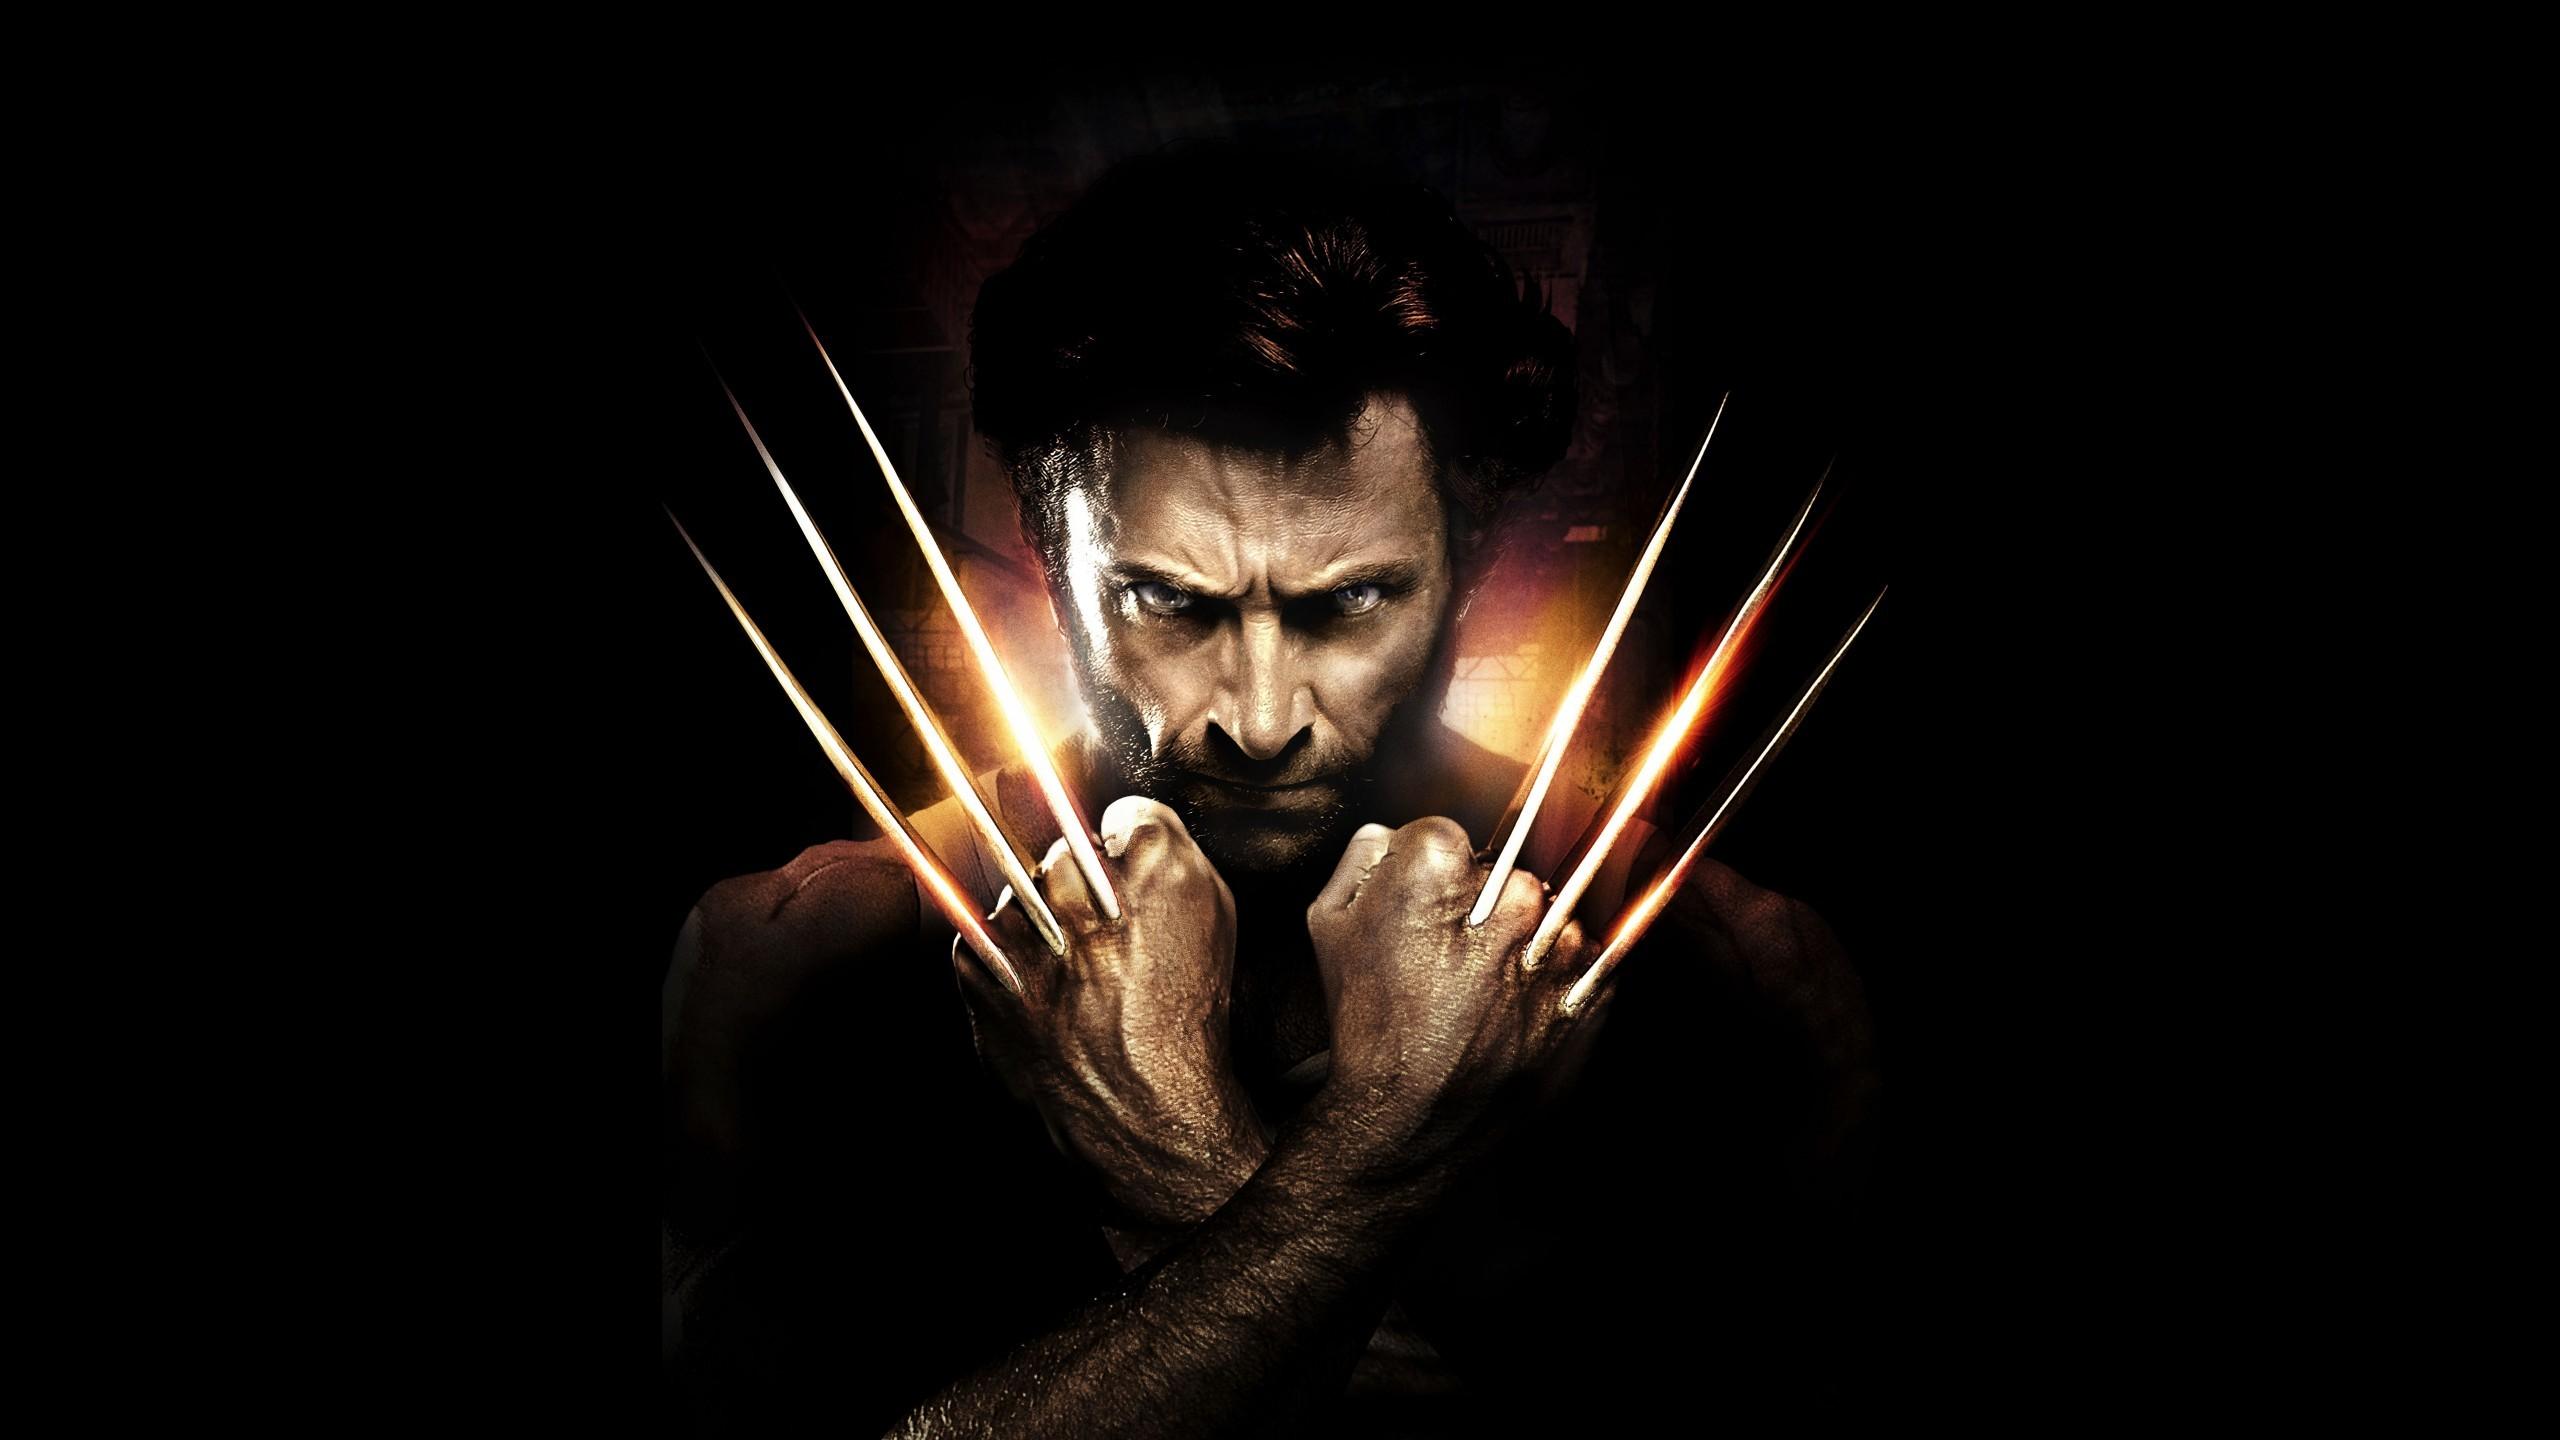 2560x1440 Movies Wolverine Wallpaper